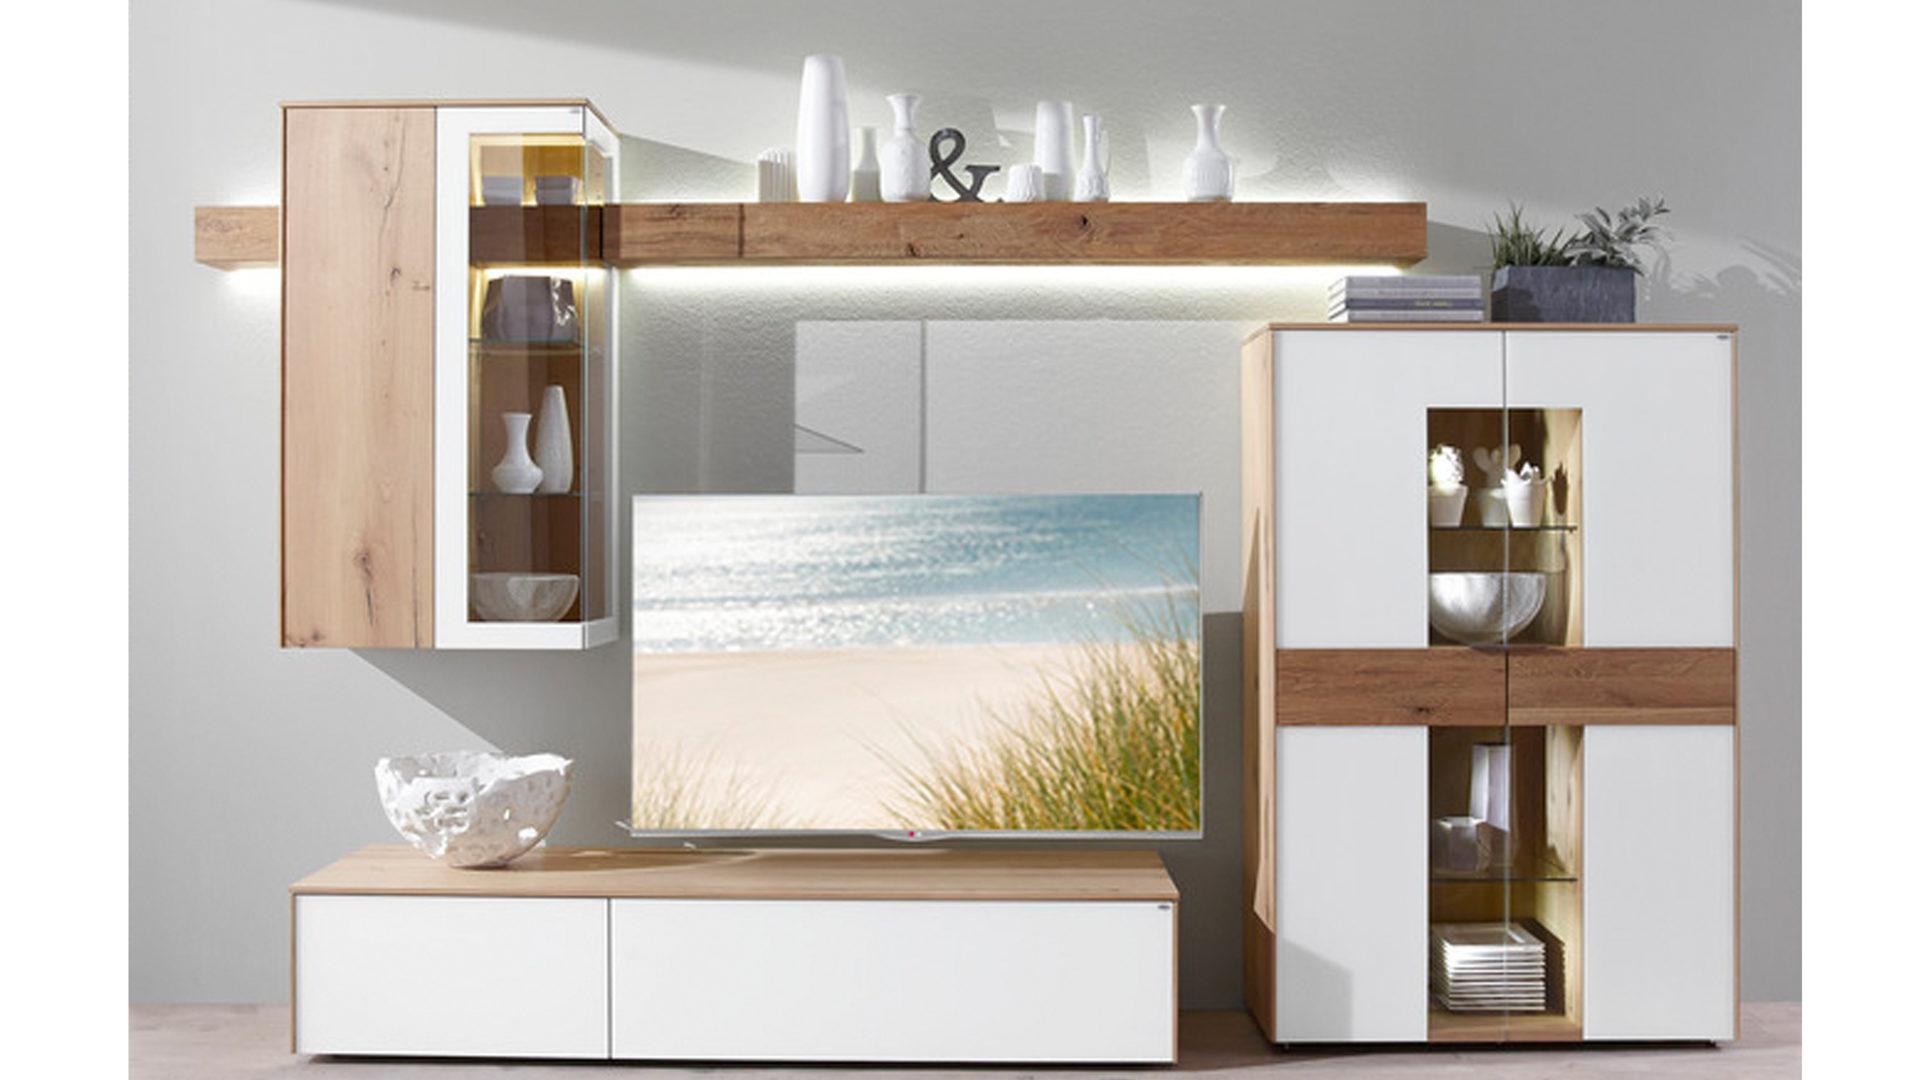 VOGLAUER V-Solid Wohnkombination, optiwhite Colorglas & Wildeichefurnier –  fünfteilig, ca. 320 cm